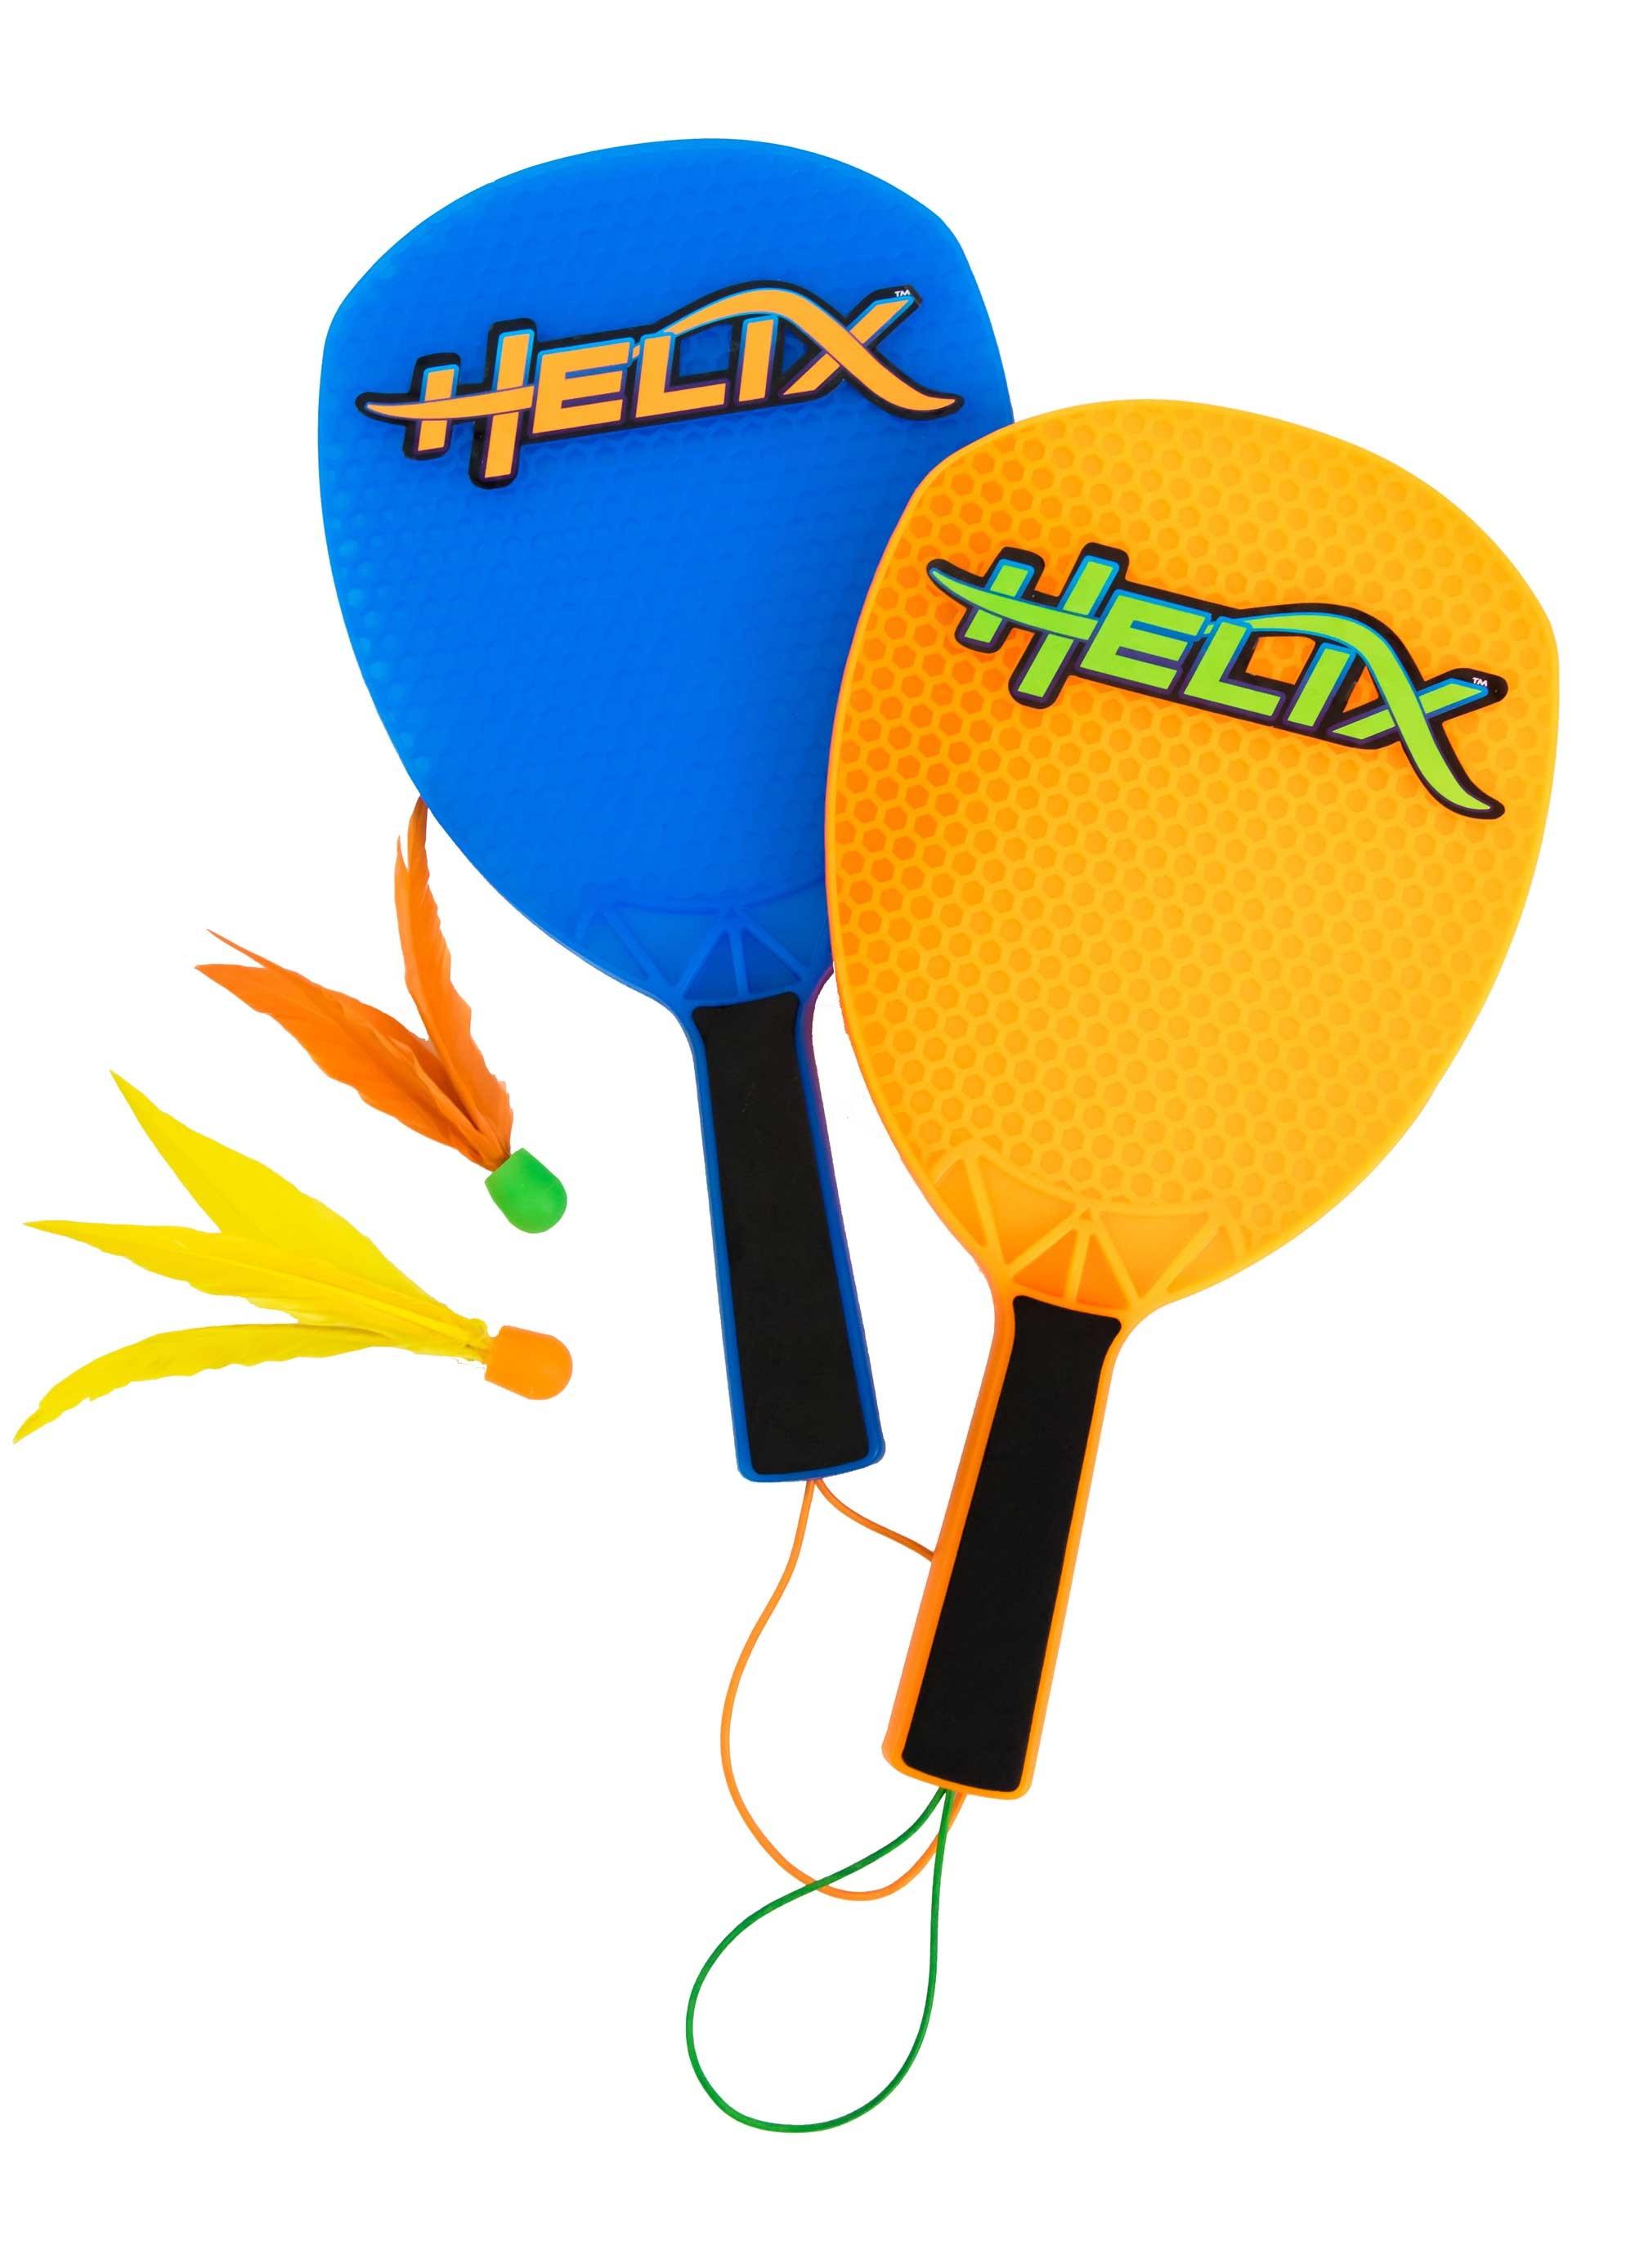 Набор для игры в бадминтон  Helix Fun - Баскетбол, бадминтон, теннис, артикул: 162081